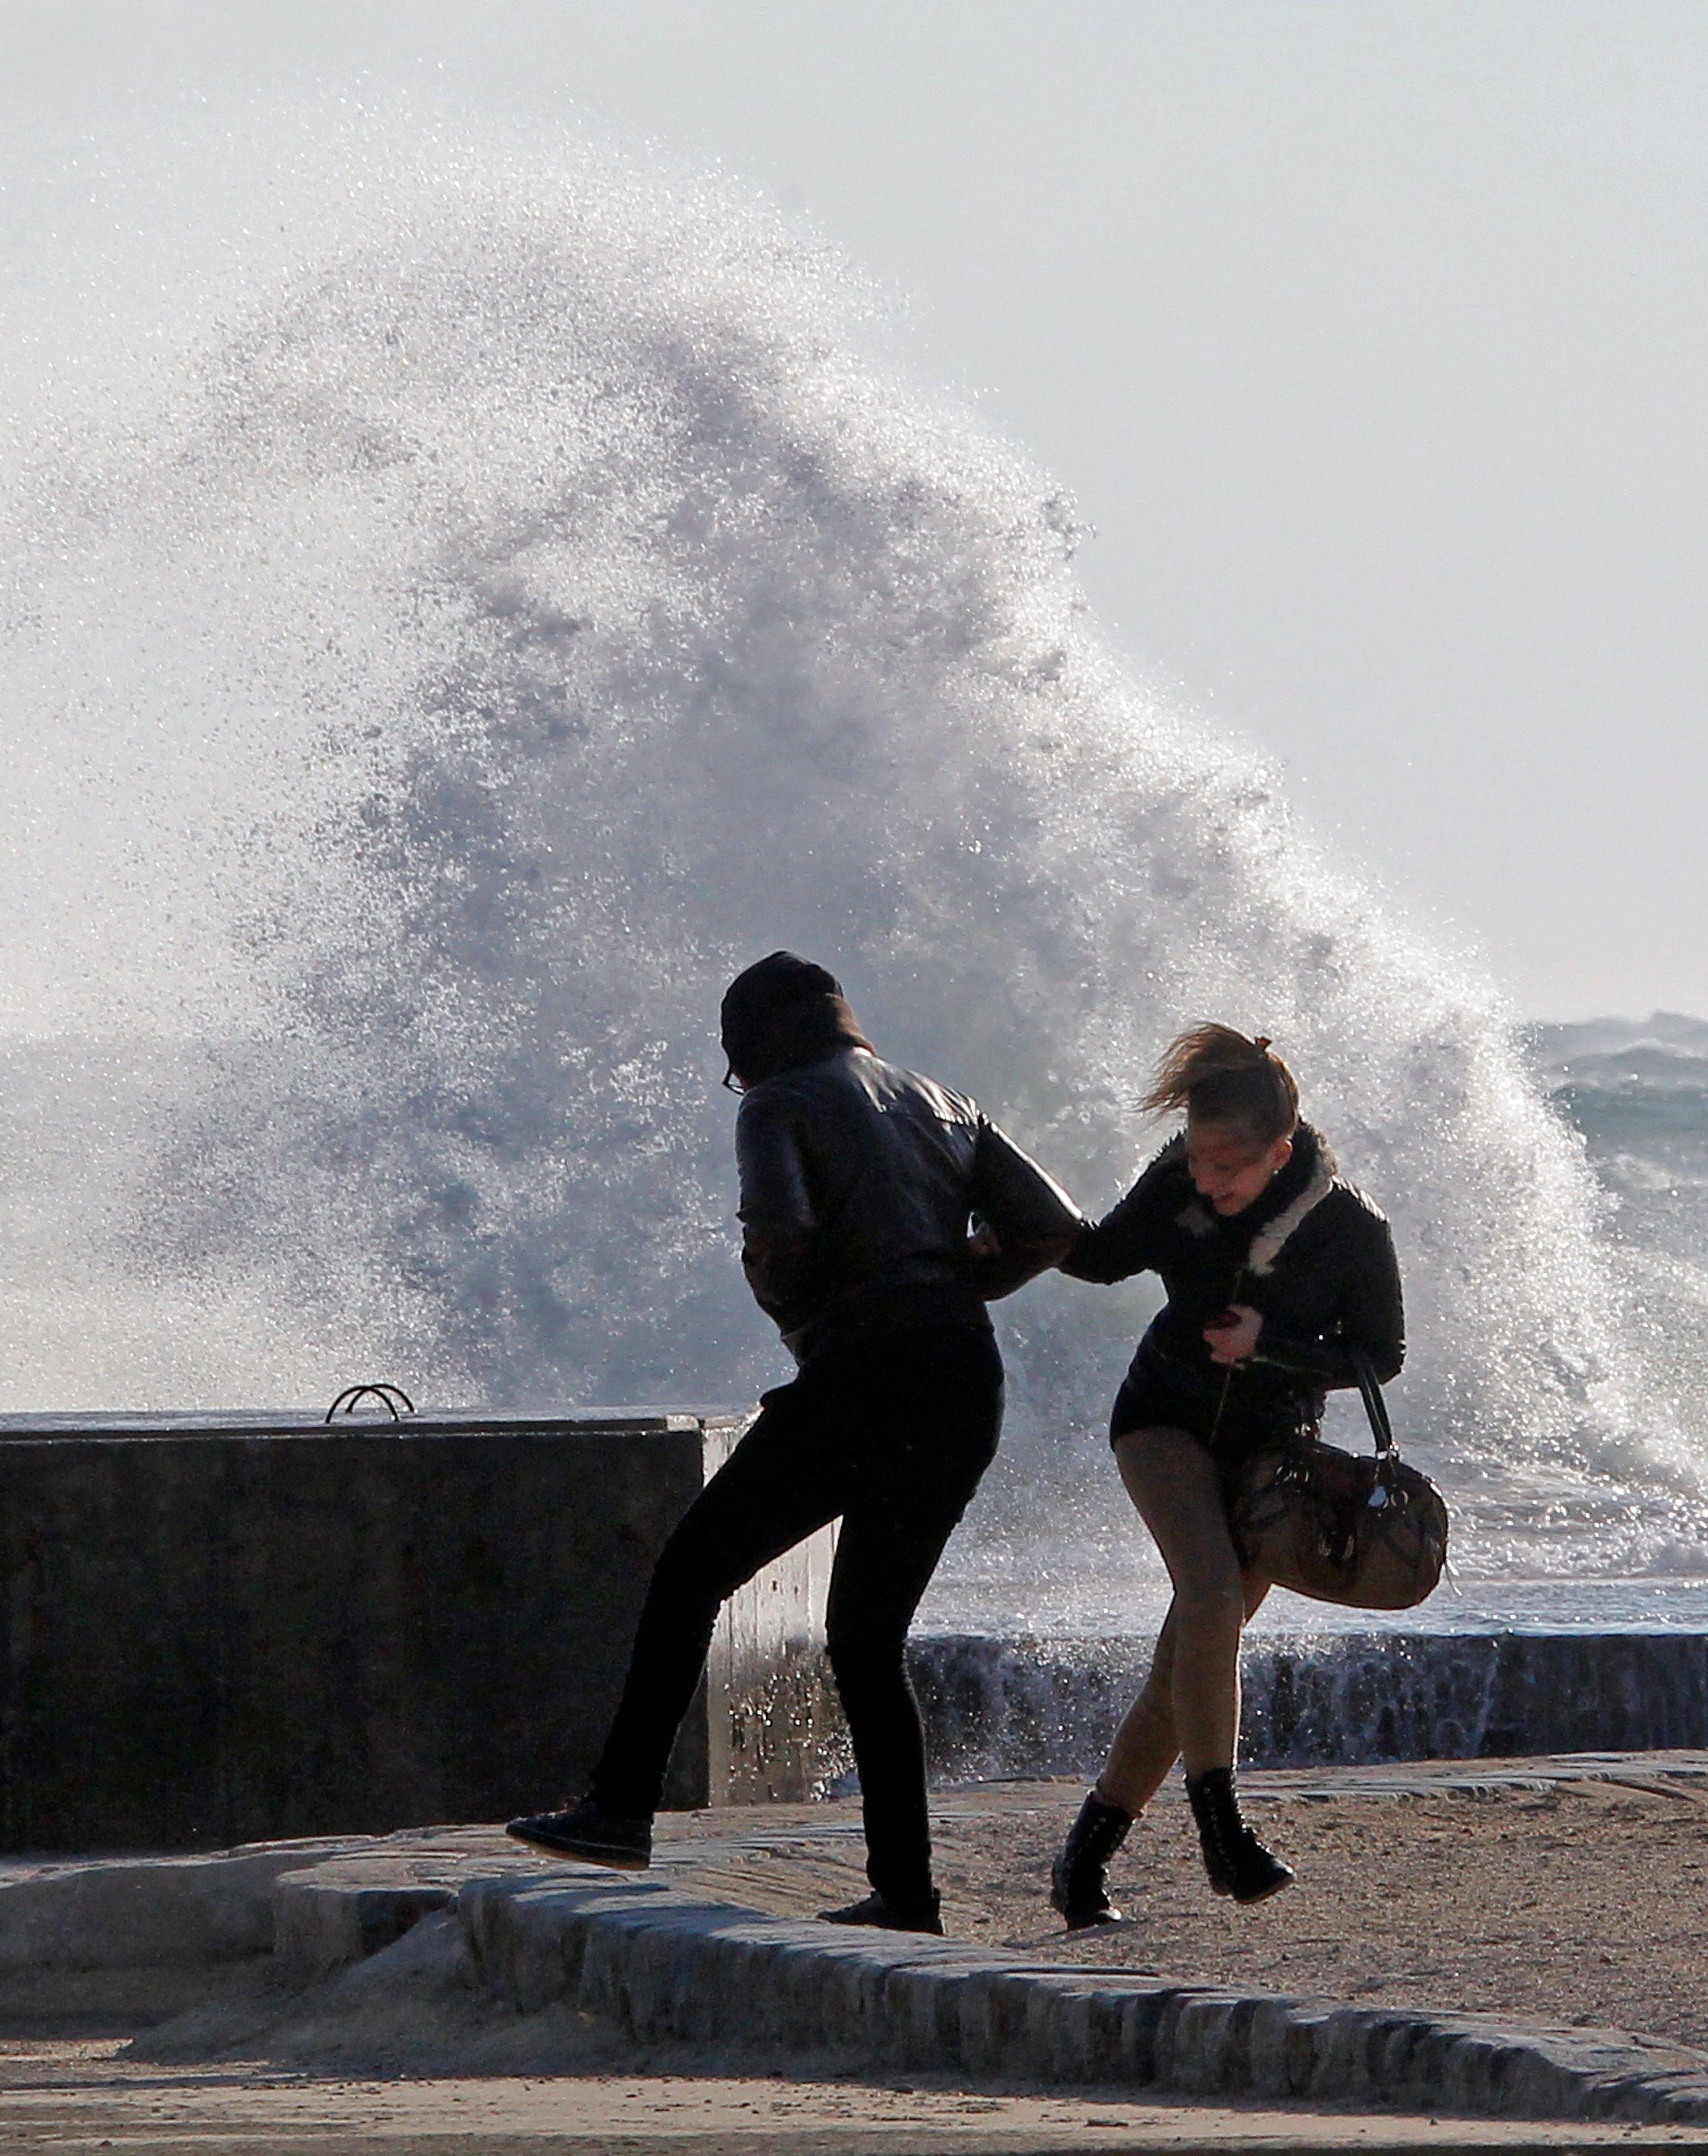 Des tempêtes très violentes ont touché la France cet hiver.